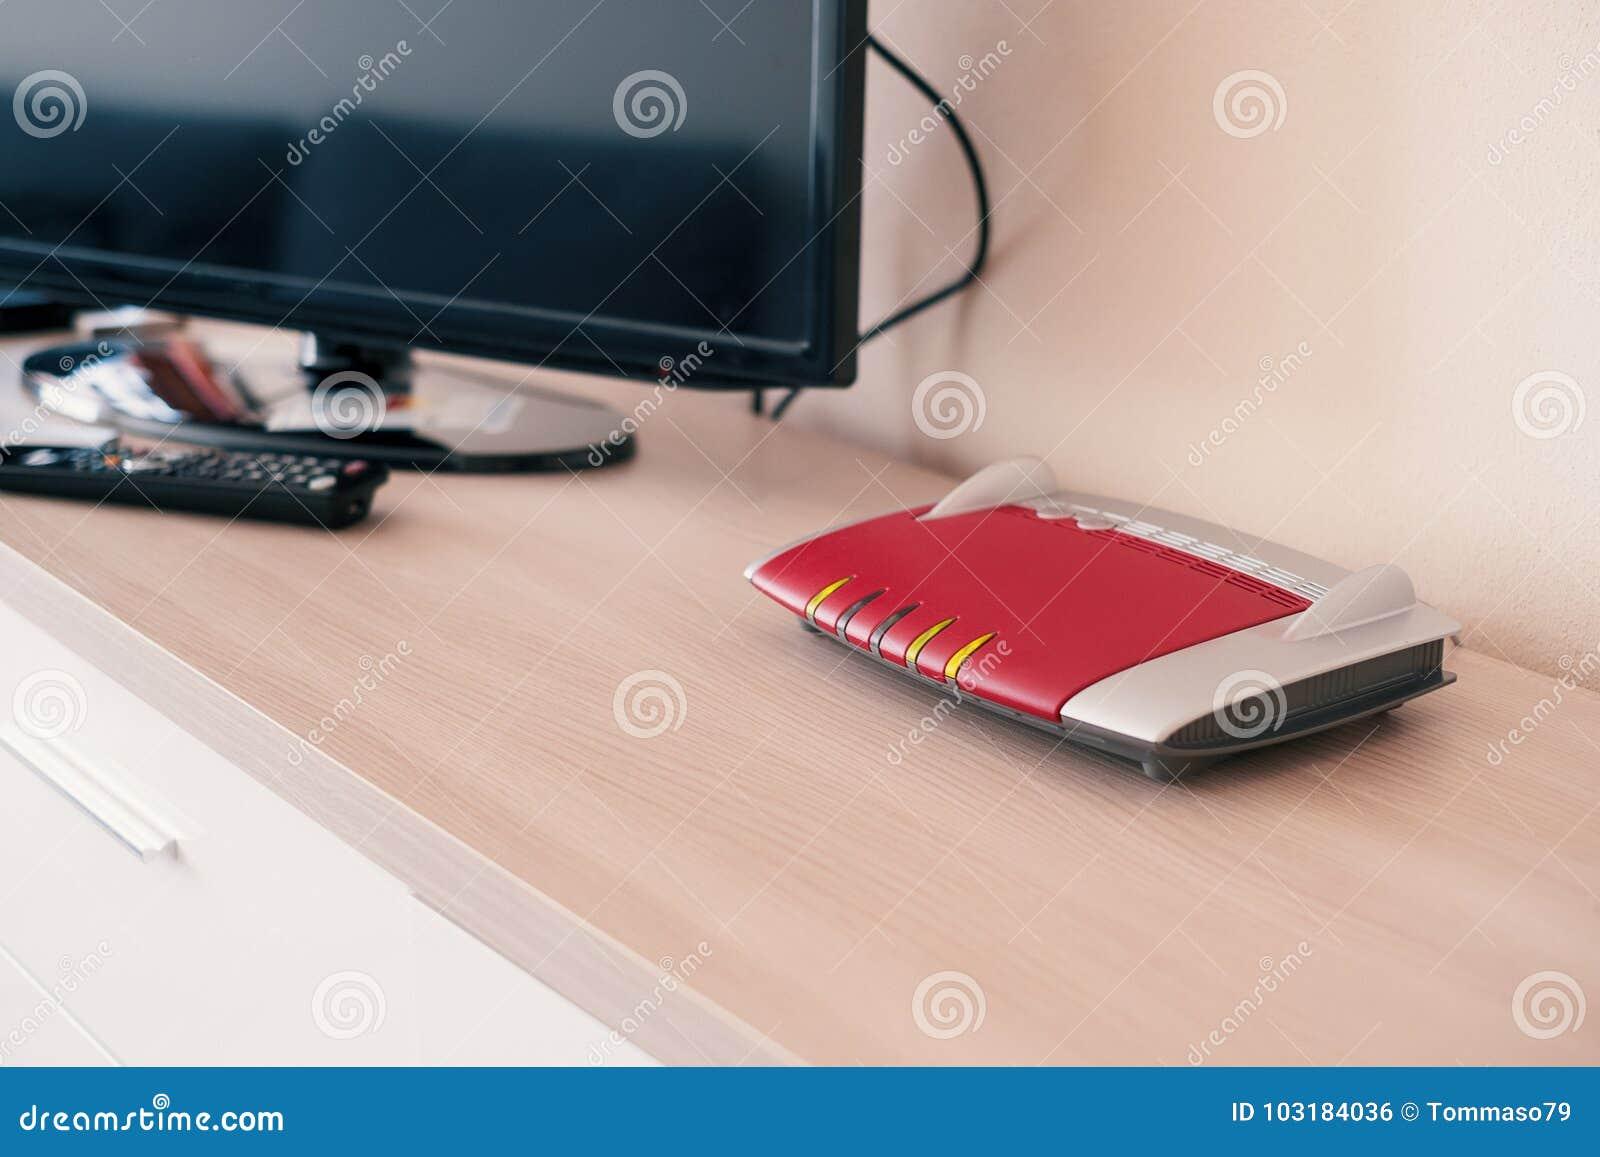 Smart tv förbindelse till internetmodemnätverket